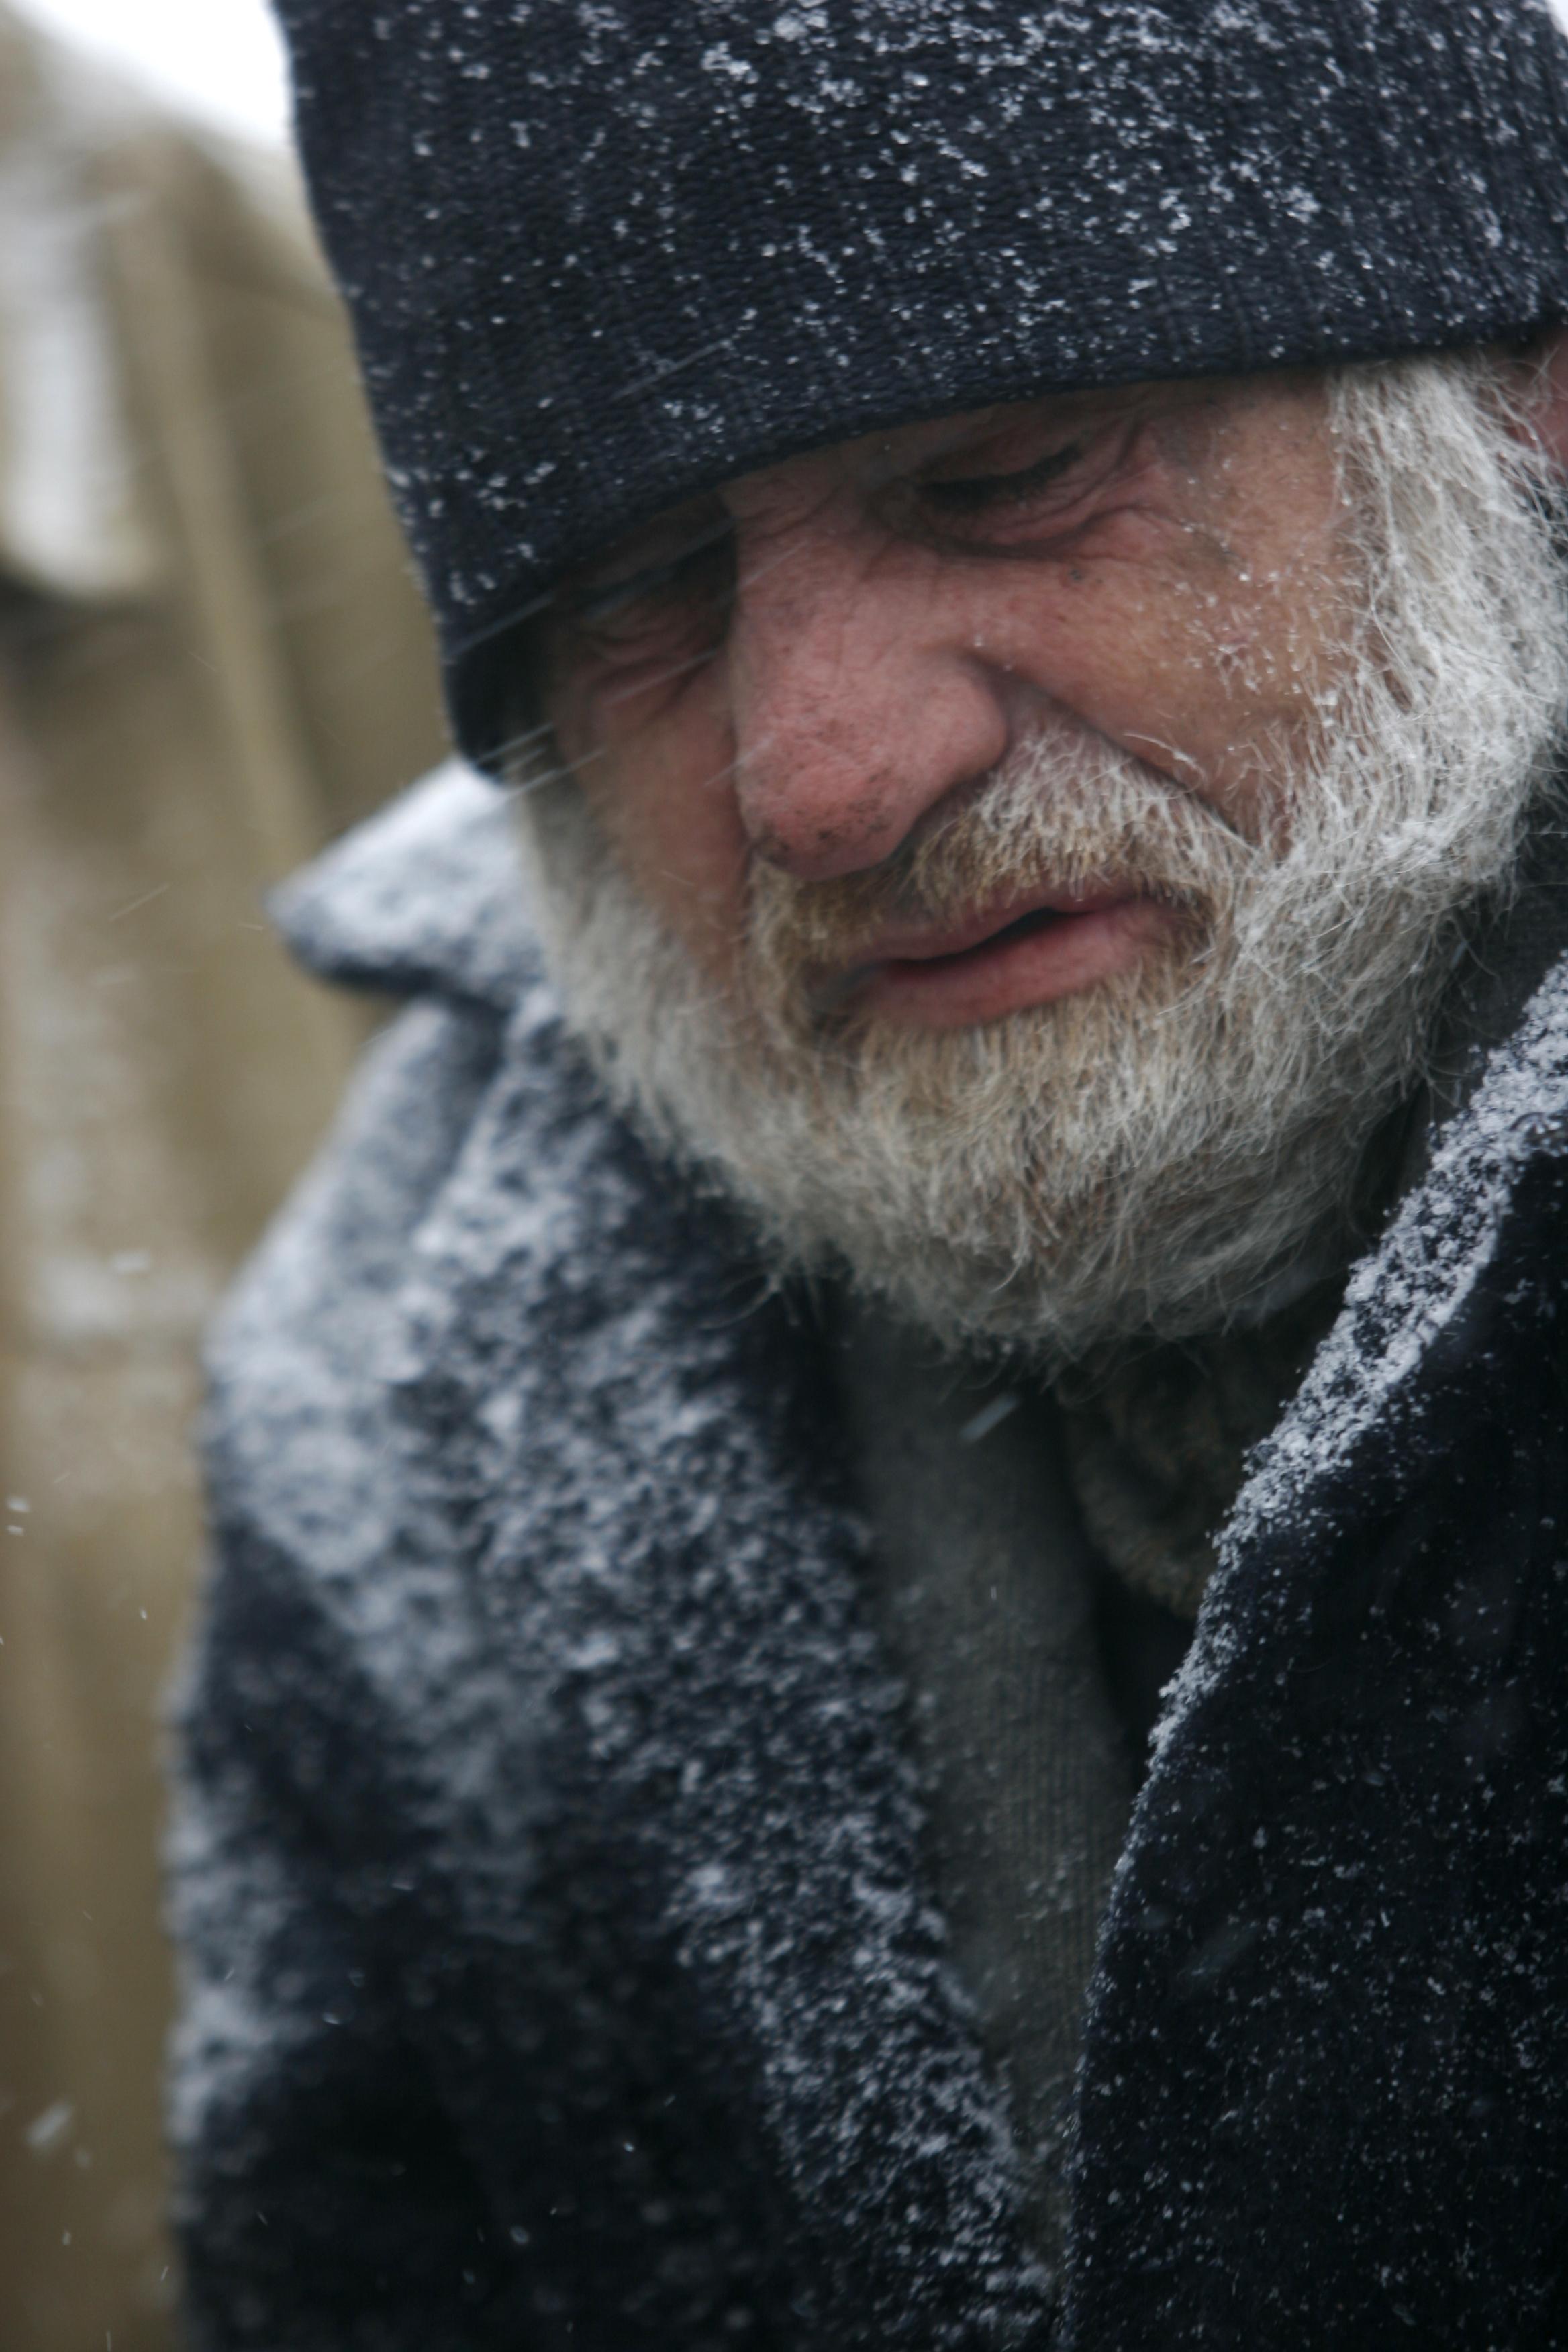 Spitalele din zona Moldovei, pline cu pacienti aflati in soc hipotermic